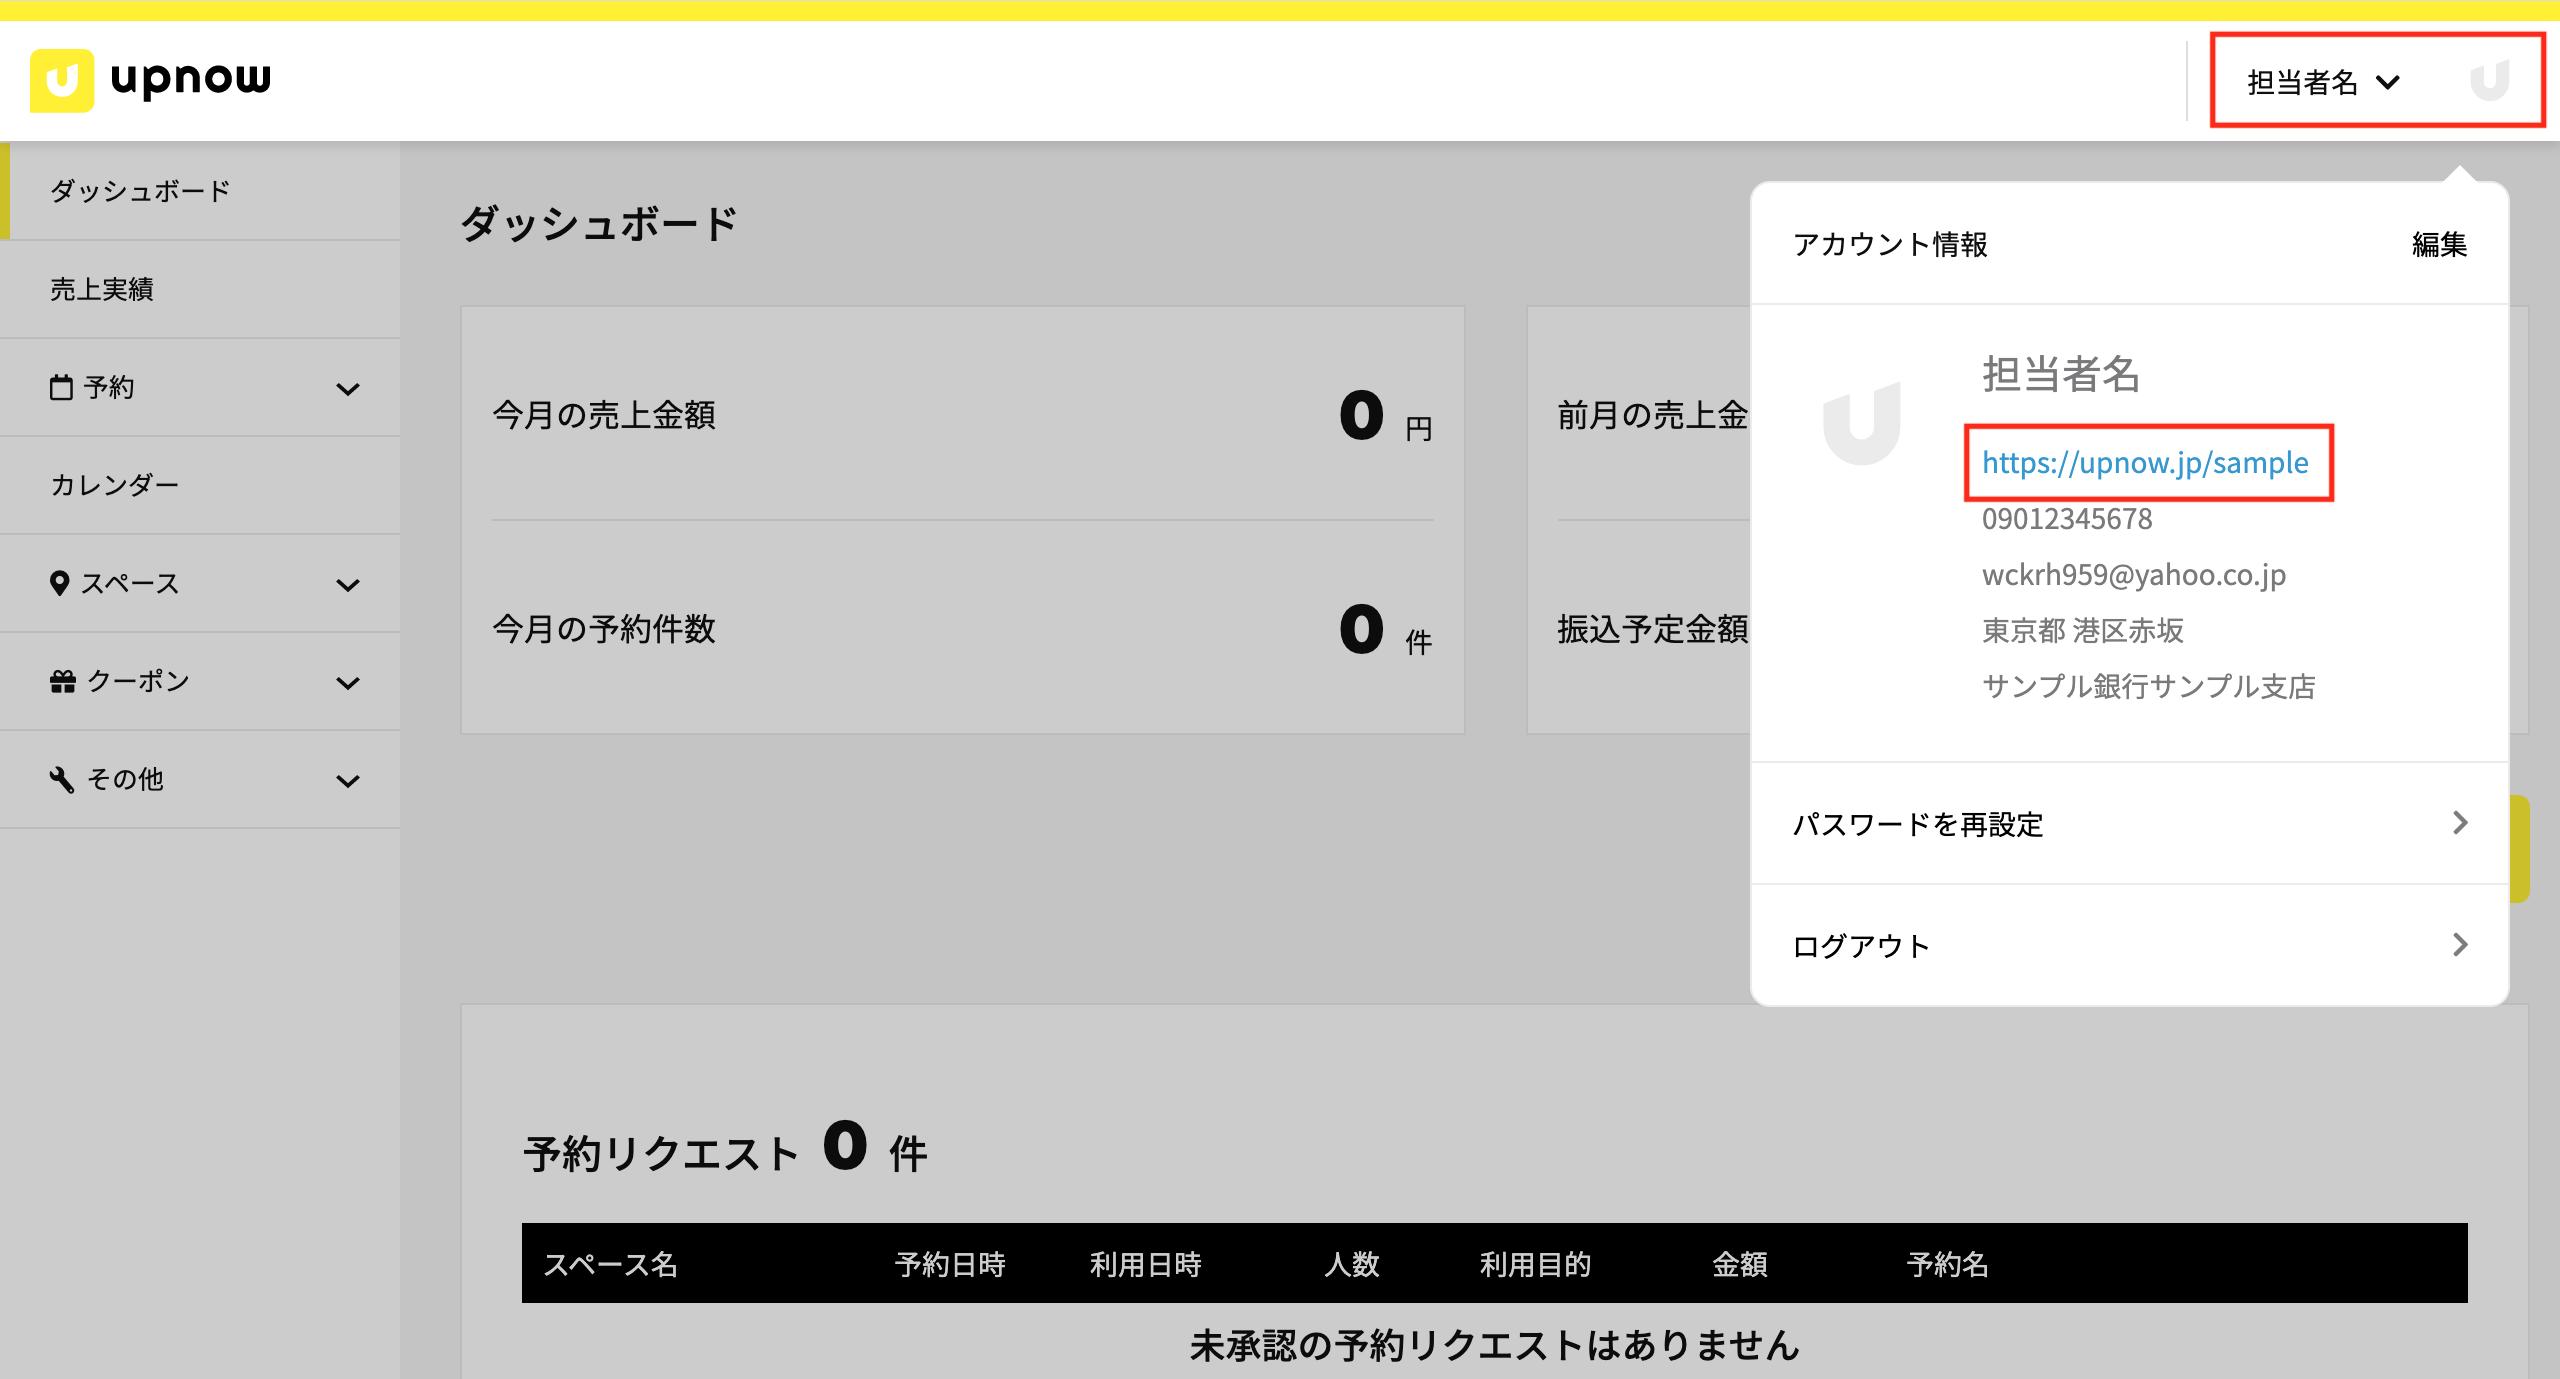 スクリーンショット 2020-05-08 16.47.53.png